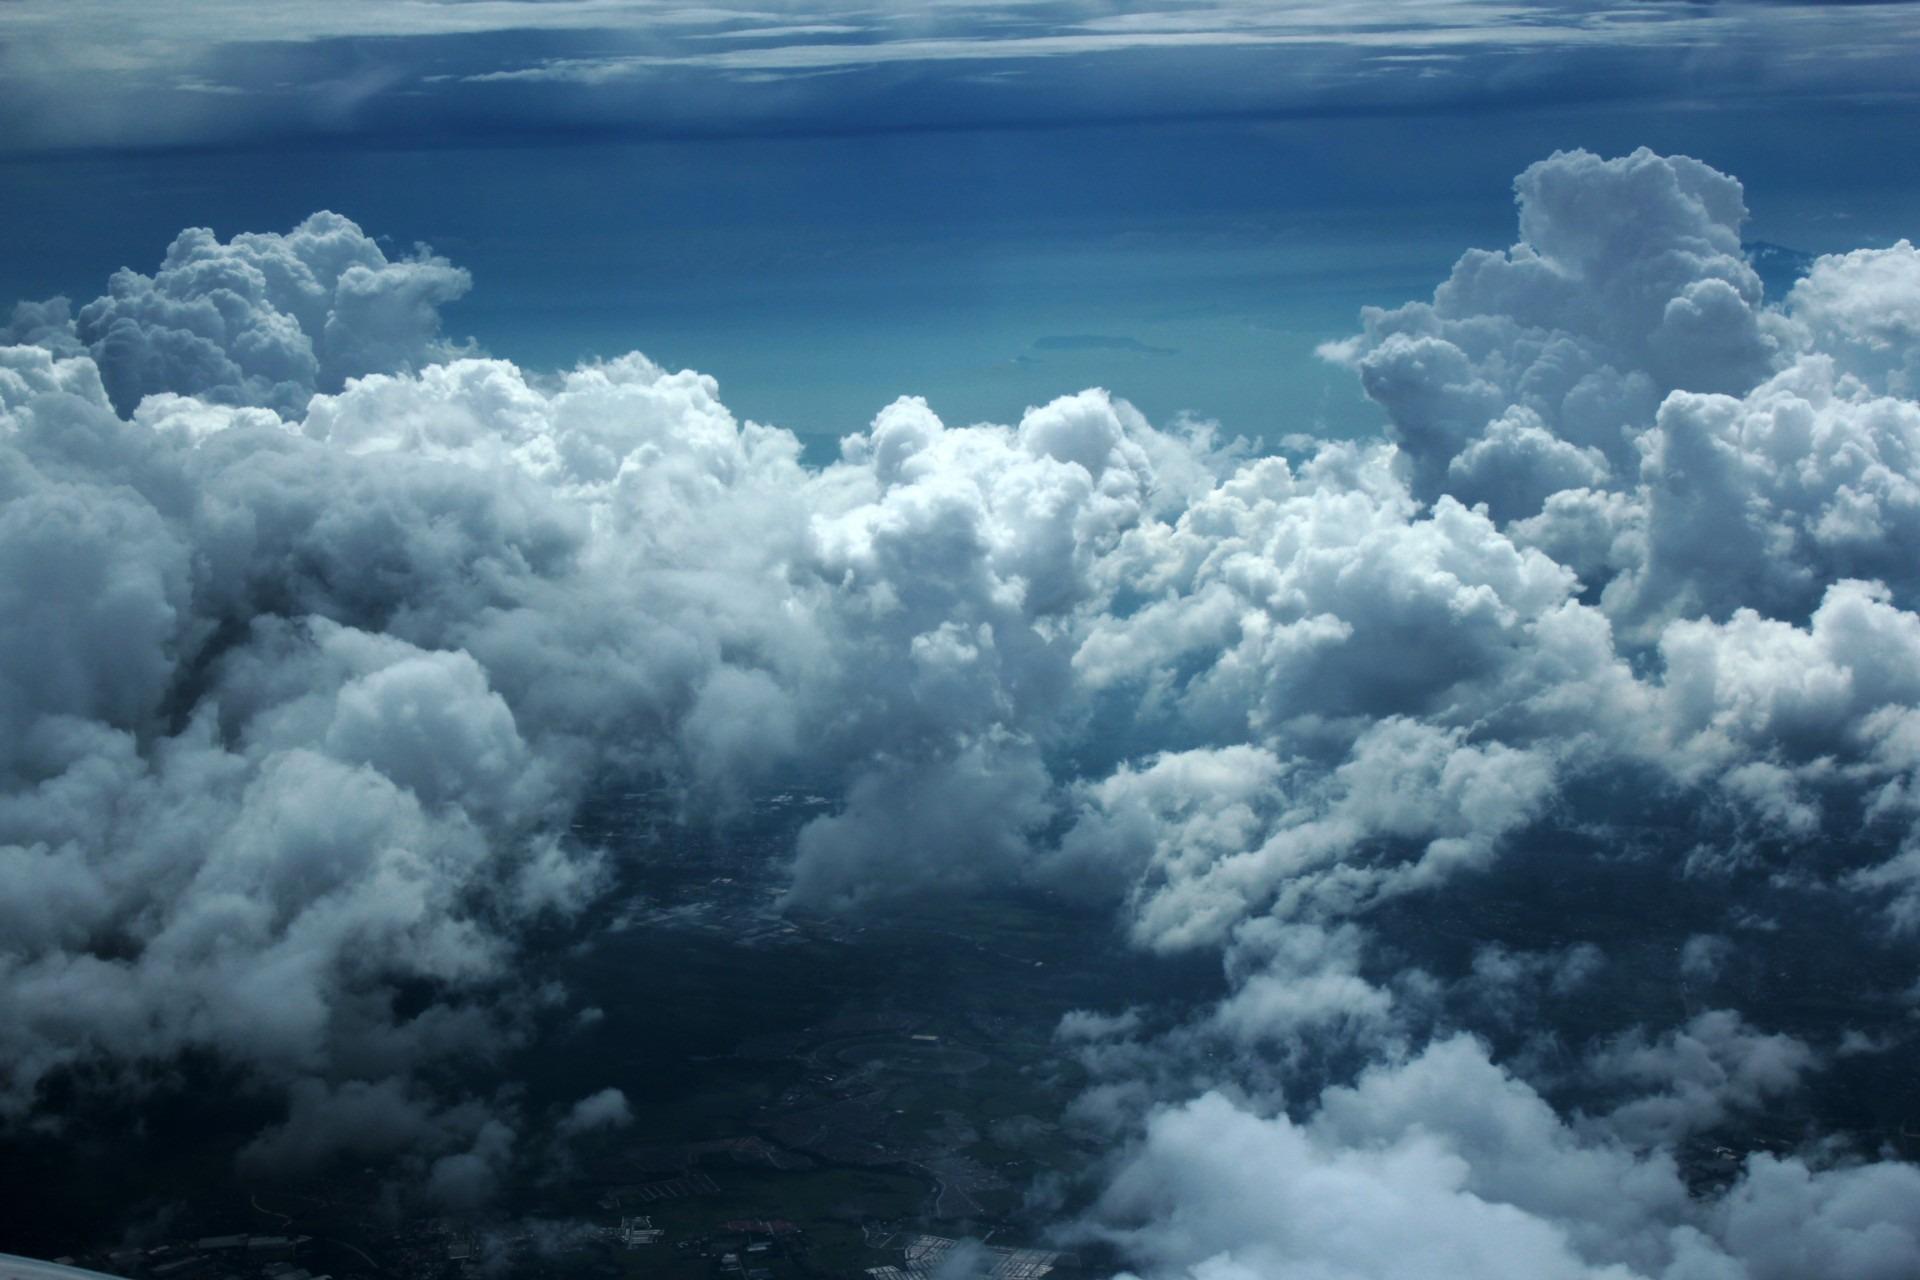 Gambar Alam Berawan Suasana Cuaca Gumpalan Awan Langit Biru